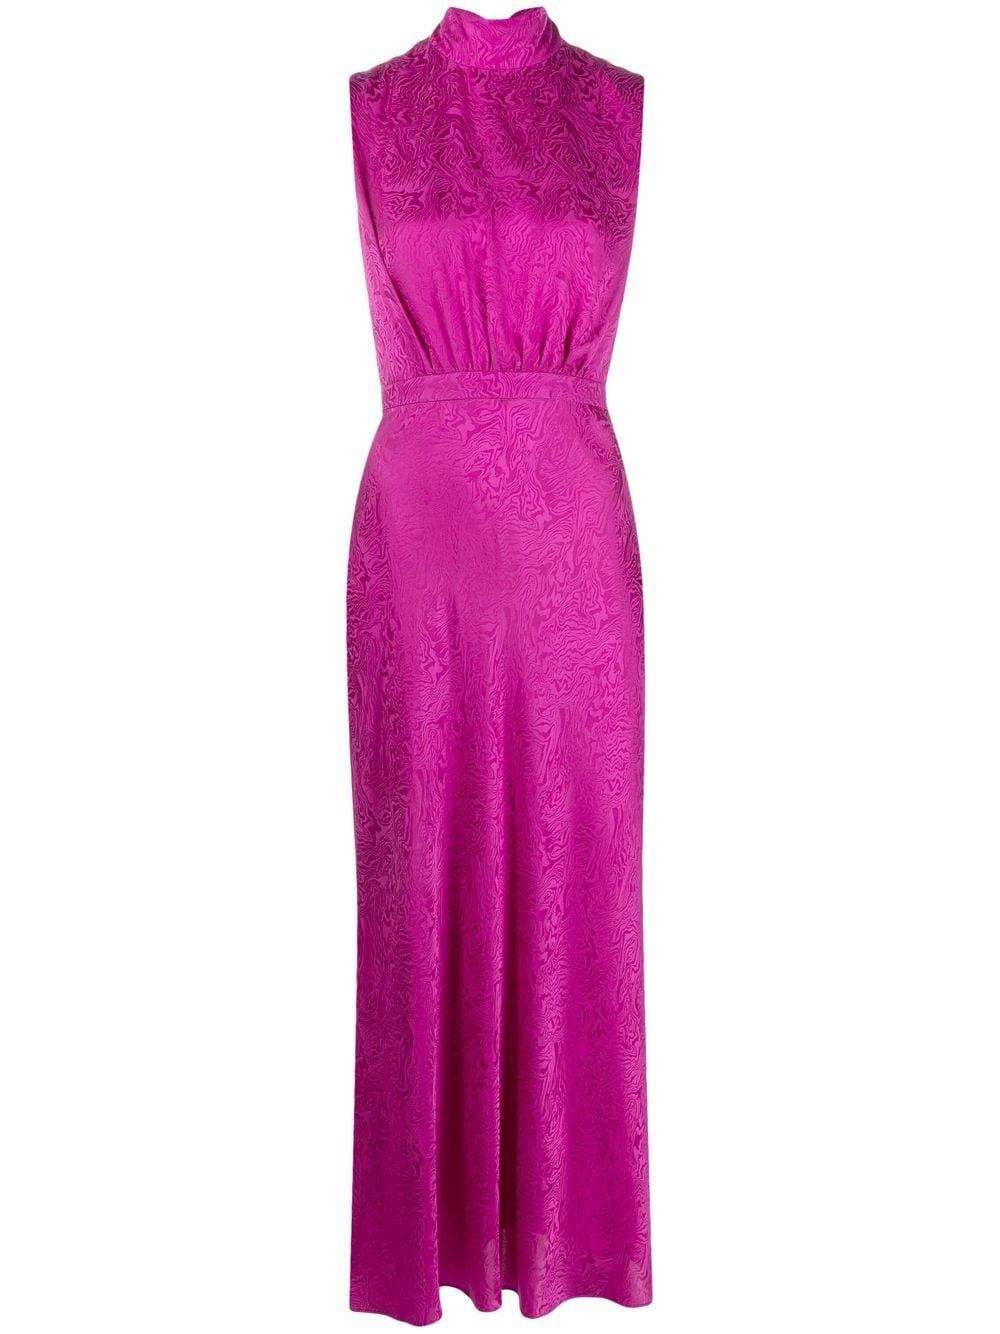 Fleur Midi Dress Item # 10255-F21